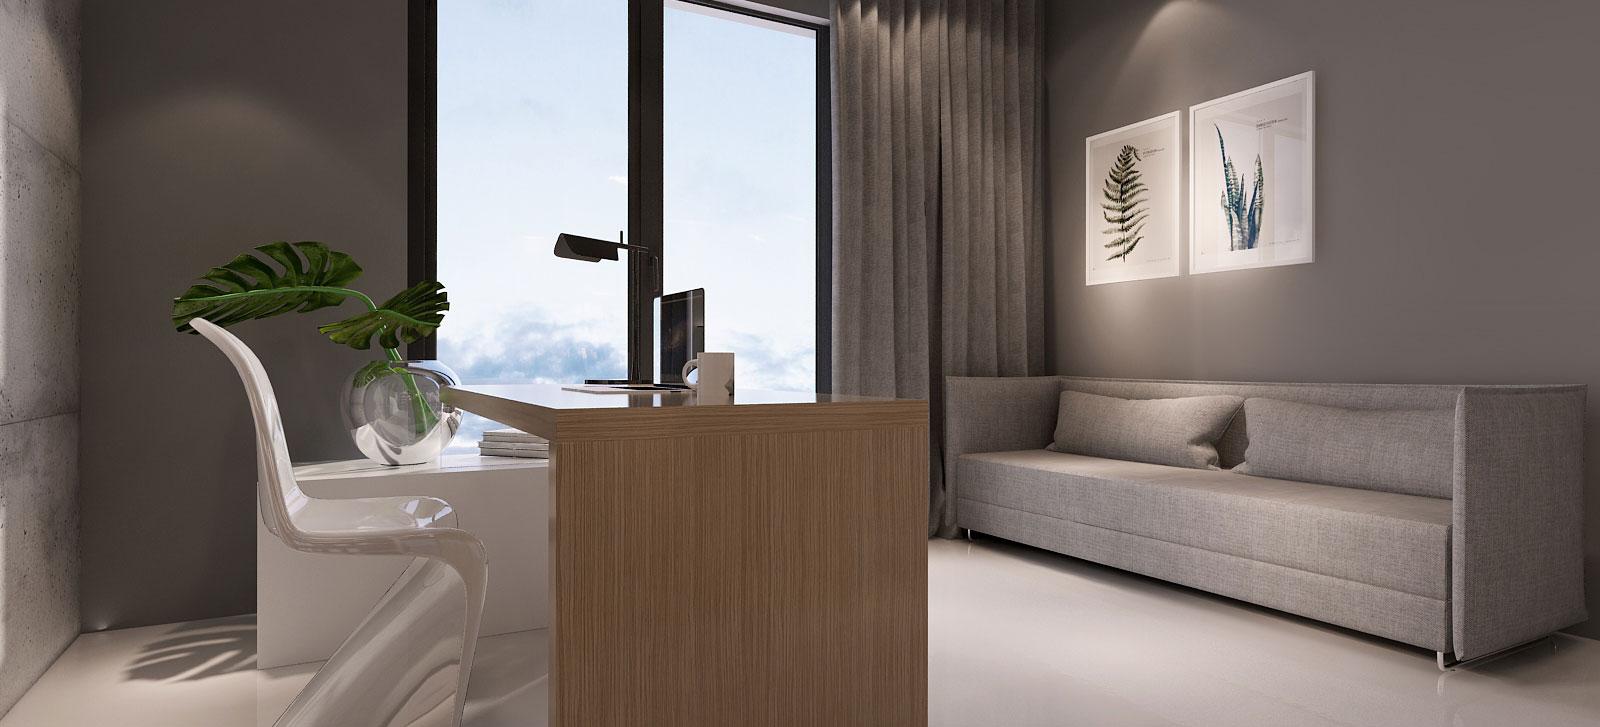 mono-achitektura-wnetrz-katowice-krakow-tychy-mikolow-nowoczesne-biuro-domowe